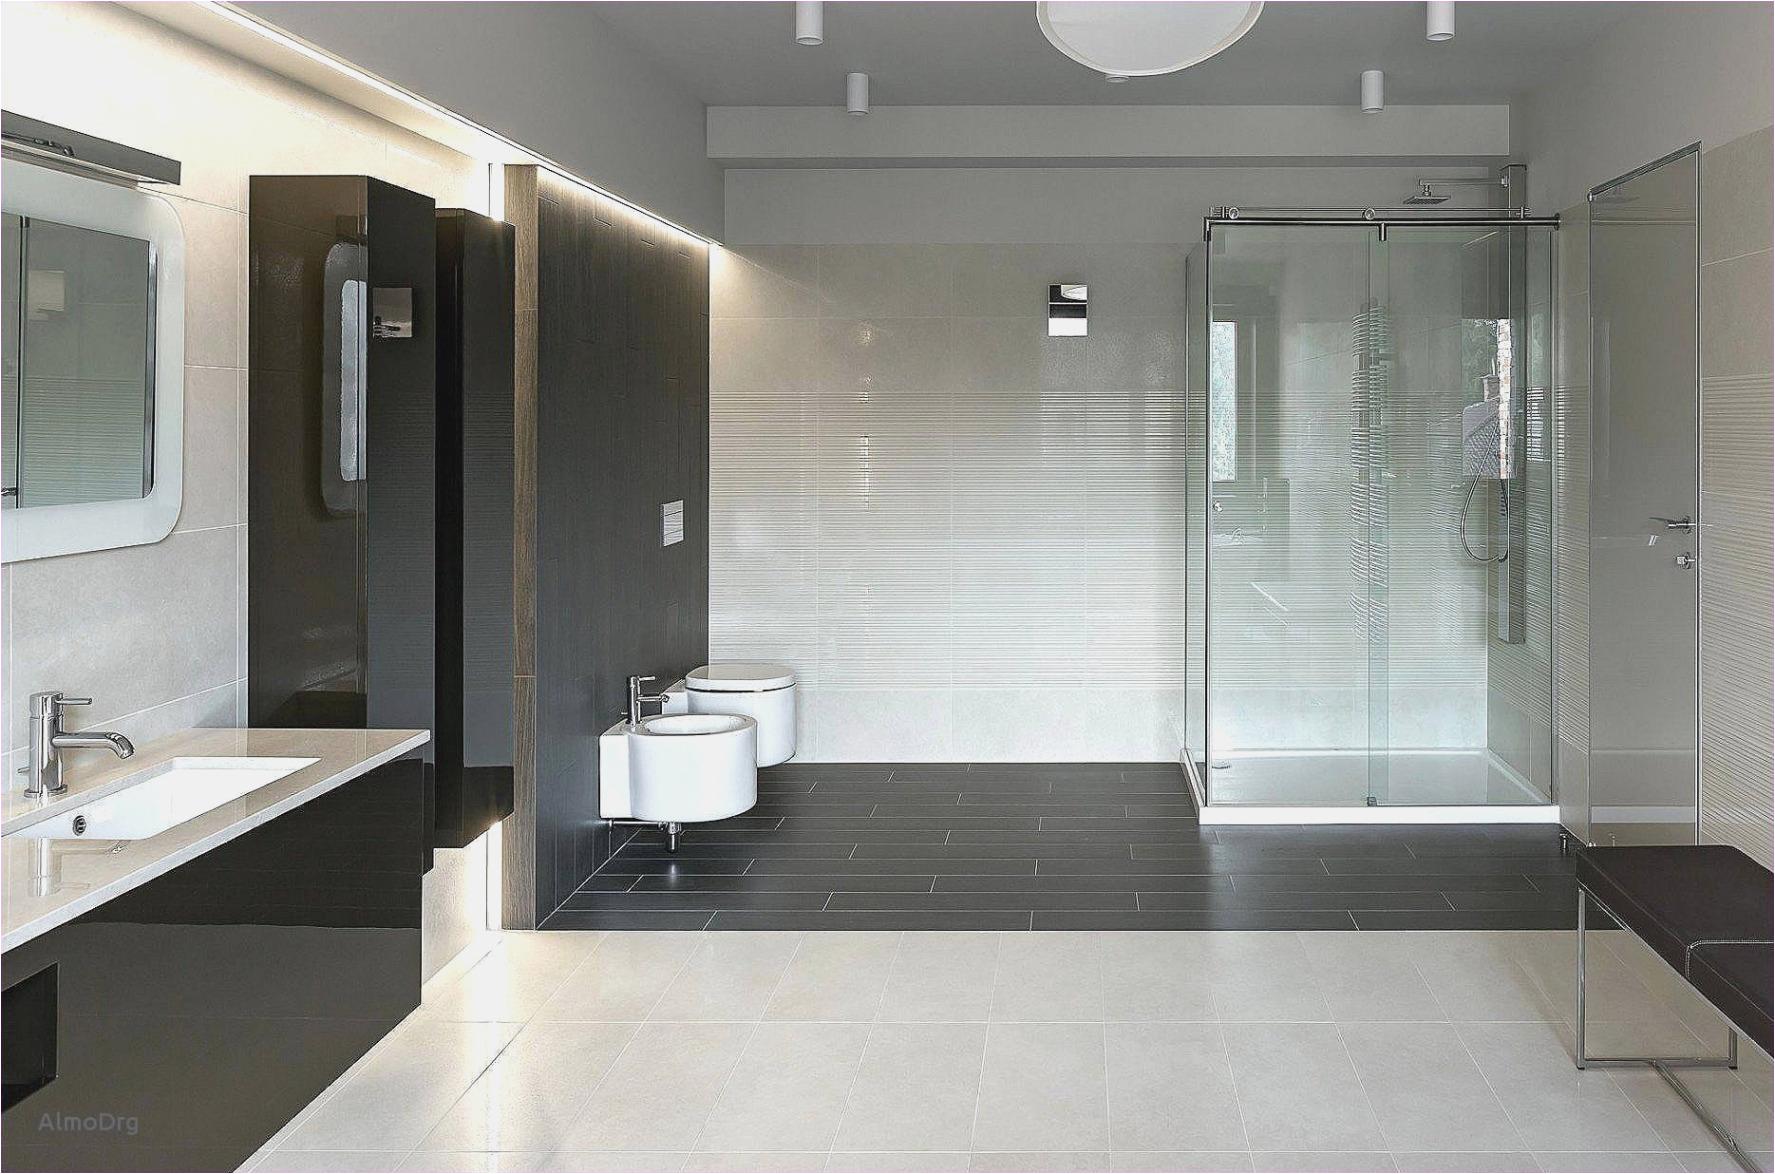 klebefolie badezimmer frisch fliesenaufkleber bad vorher nachher temobardz home blog of klebefolie badezimmer